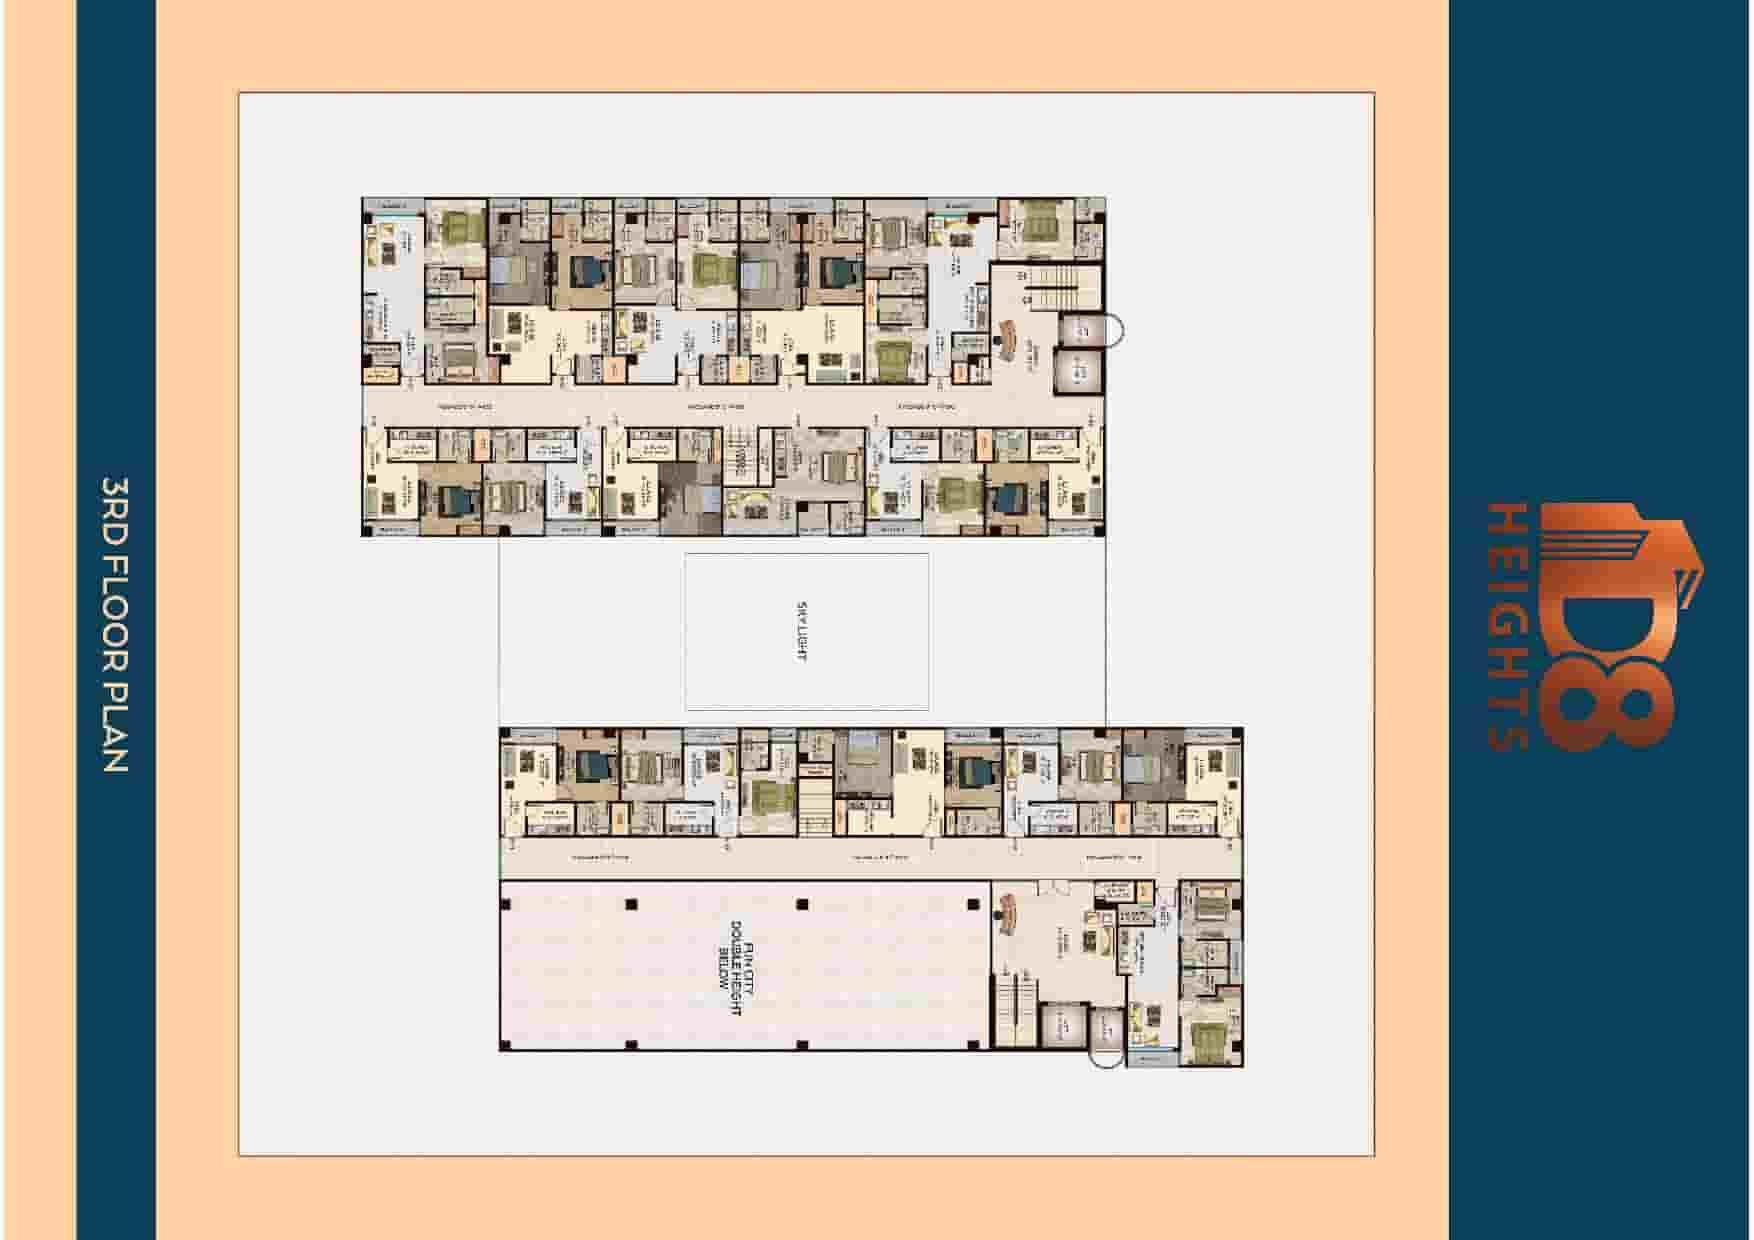 D8 Heights 3rd Floor Plan